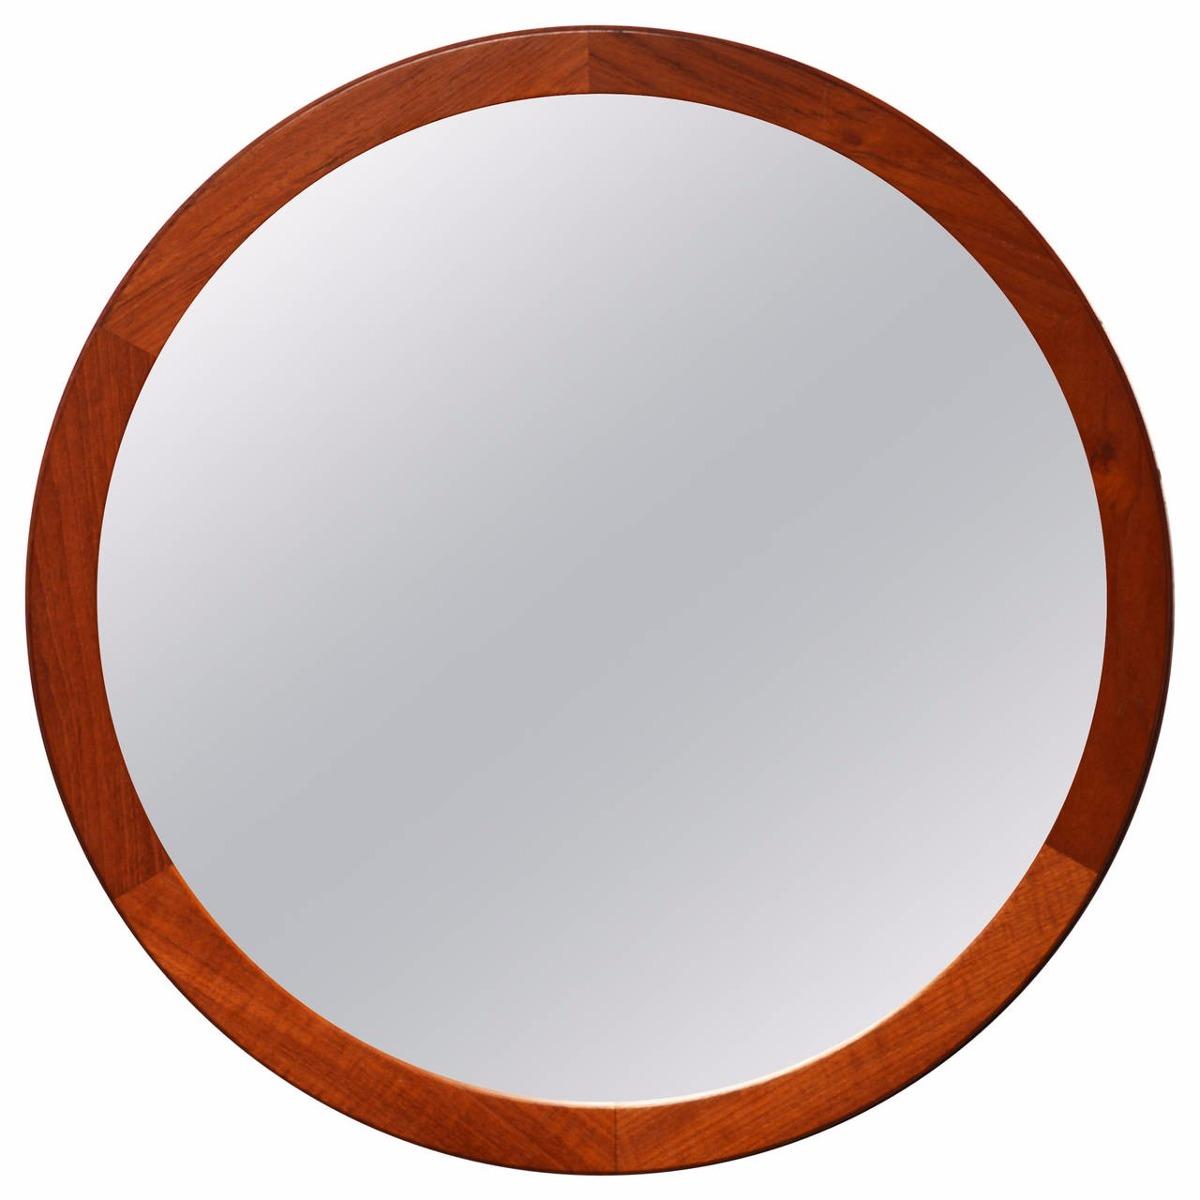 Muebles redondos de madera obtenga ideas dise o de for Espejo redondo madera